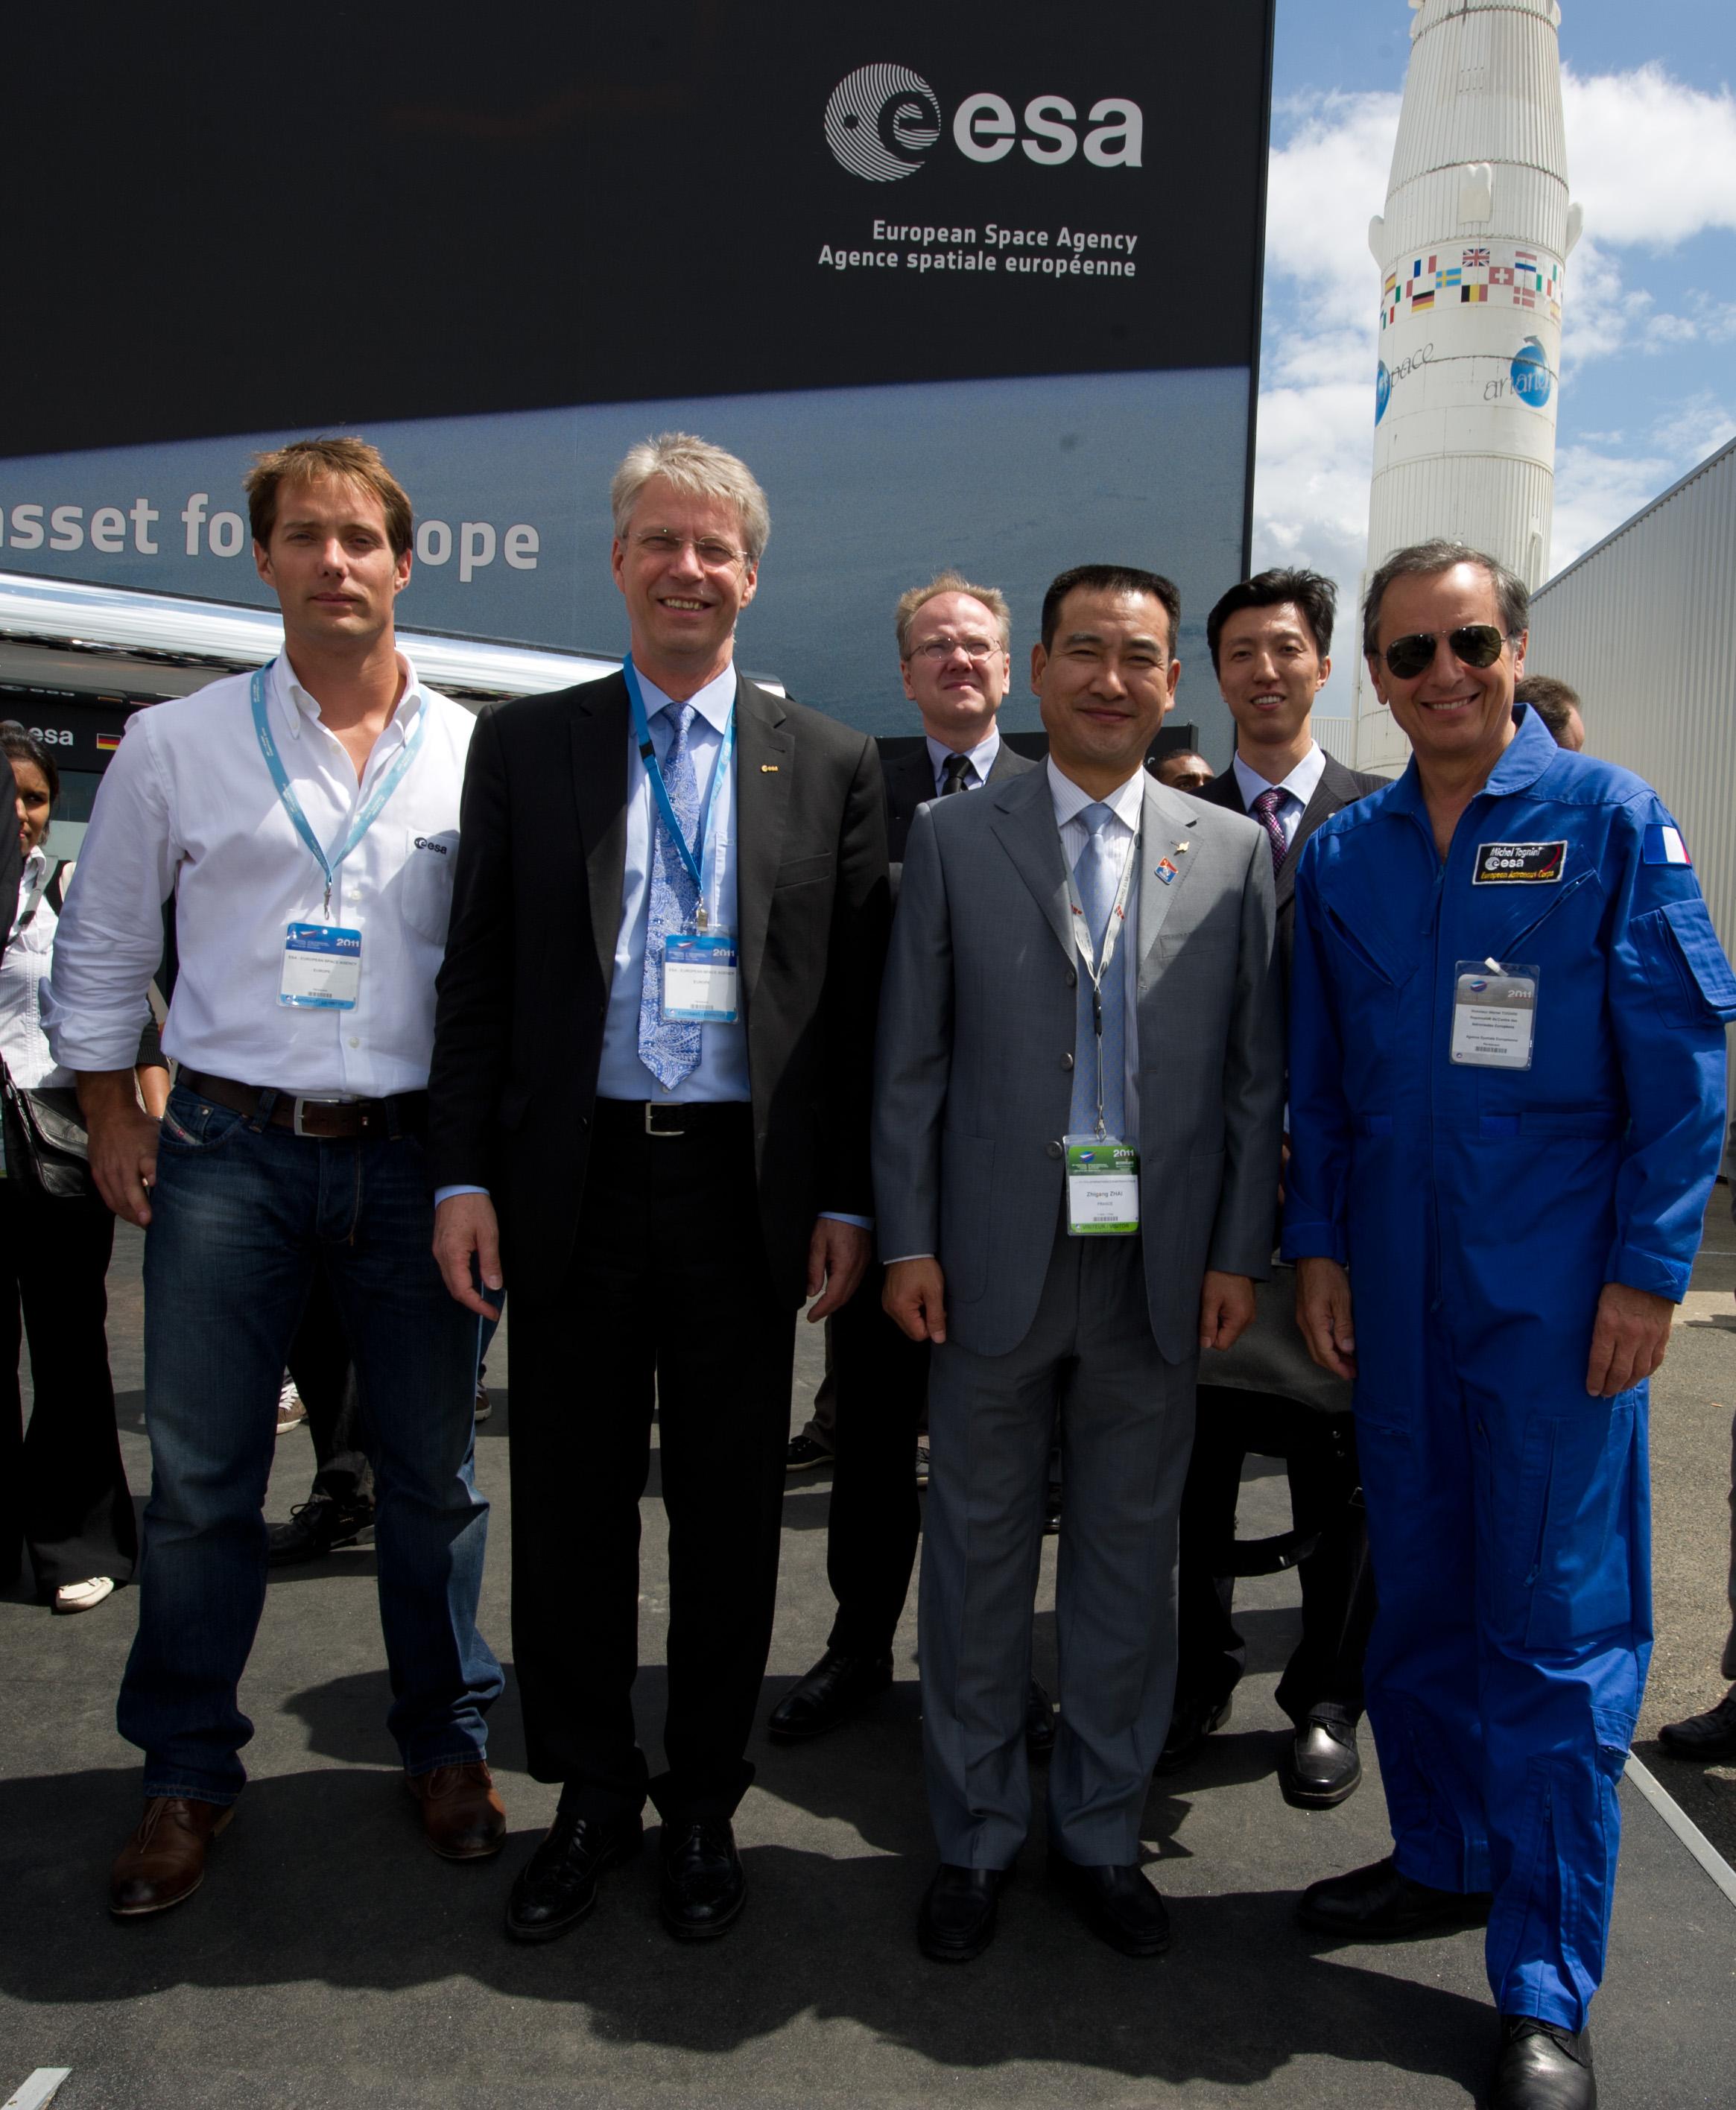 Da sx a dxt:Thomas Pesquet, astronauta ESA, Thomas Reiter,  Direttore dell'Human Spaceflight and Operations, il Colonnello Zhai Zhigang, primo spacewalker cinese, e Michel Tognini, Capo dell'European Astronaut Centre, ripresi al Paris Air & Space Show, il 23 Giugno 2011.